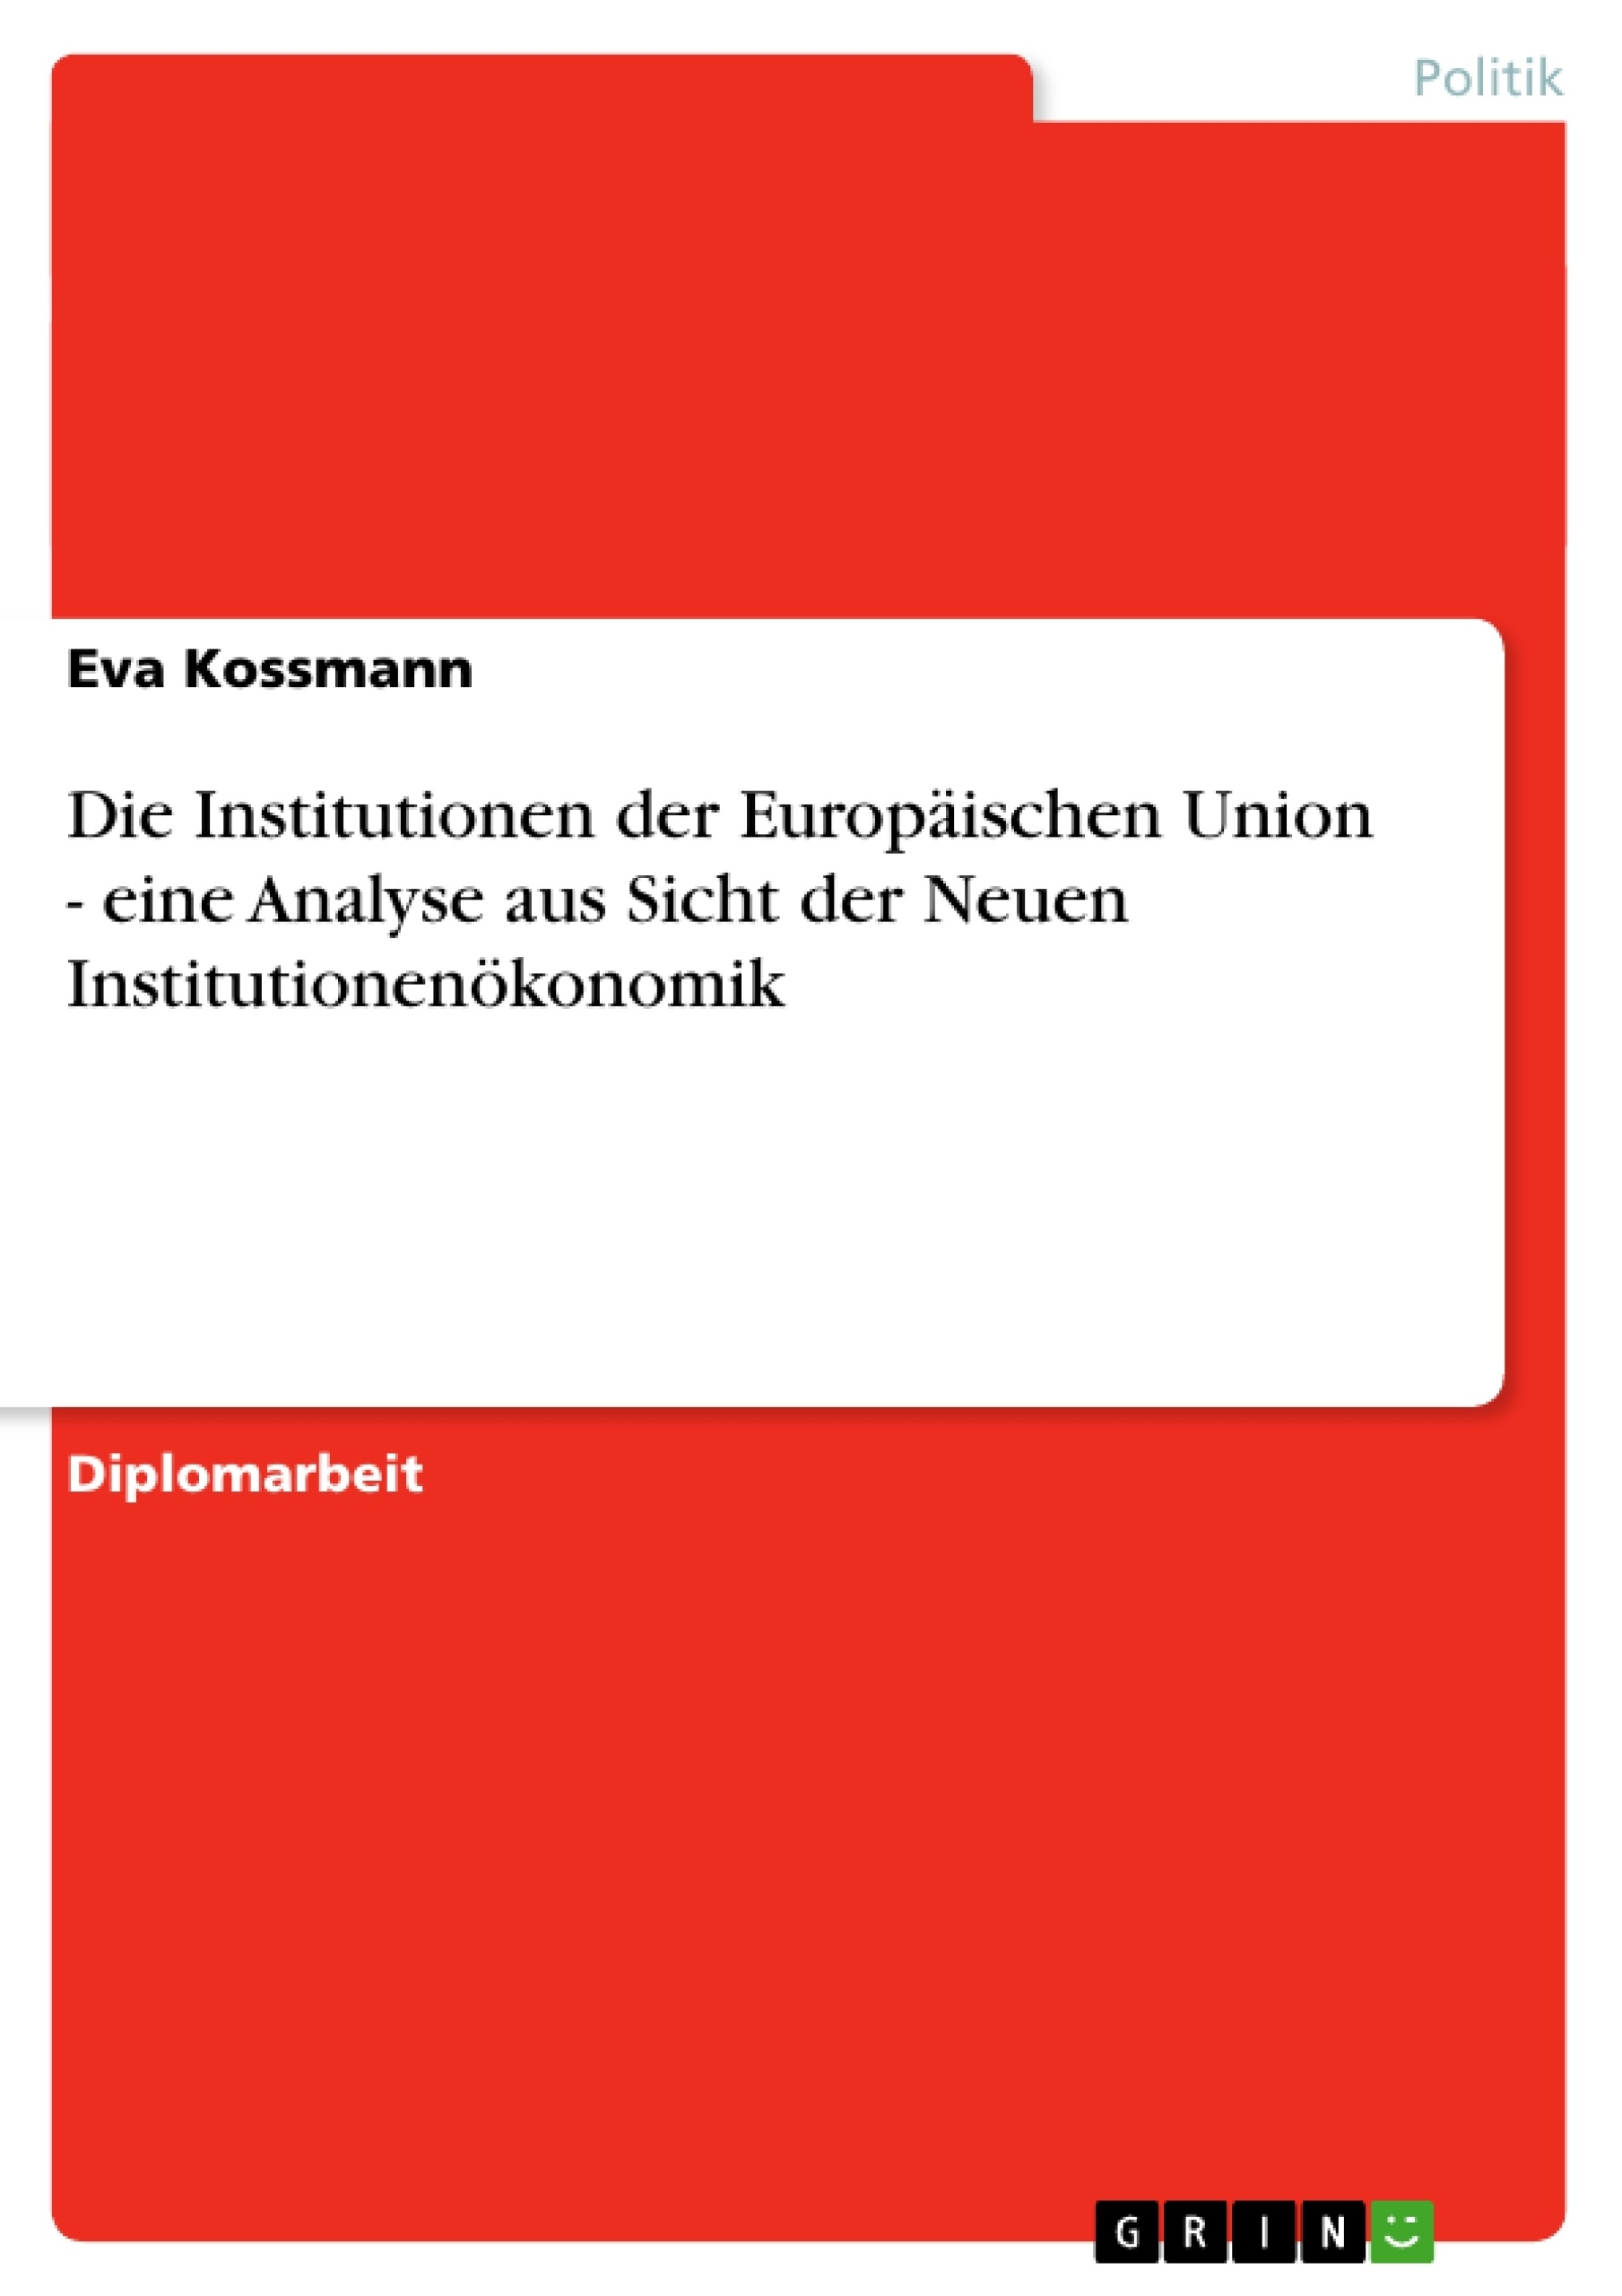 Titel: Die Institutionen der Europäischen Union - eine Analyse aus Sicht der Neuen Institutionenökonomik